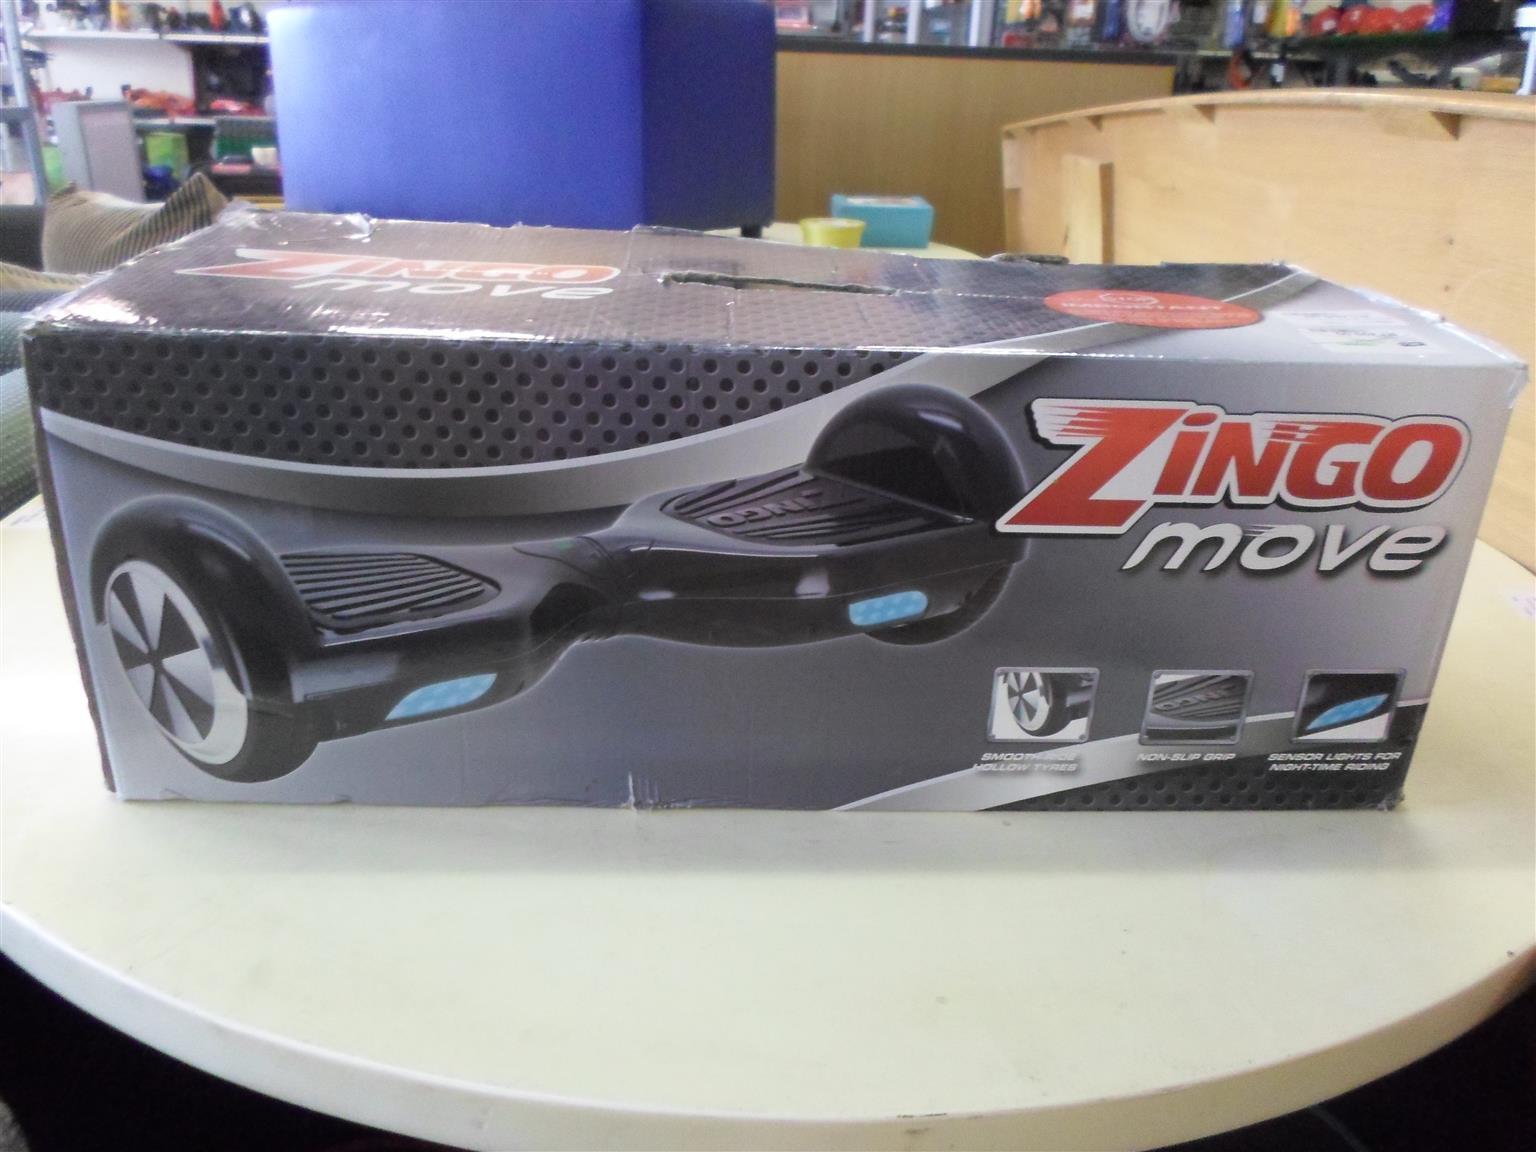 Zingo Move